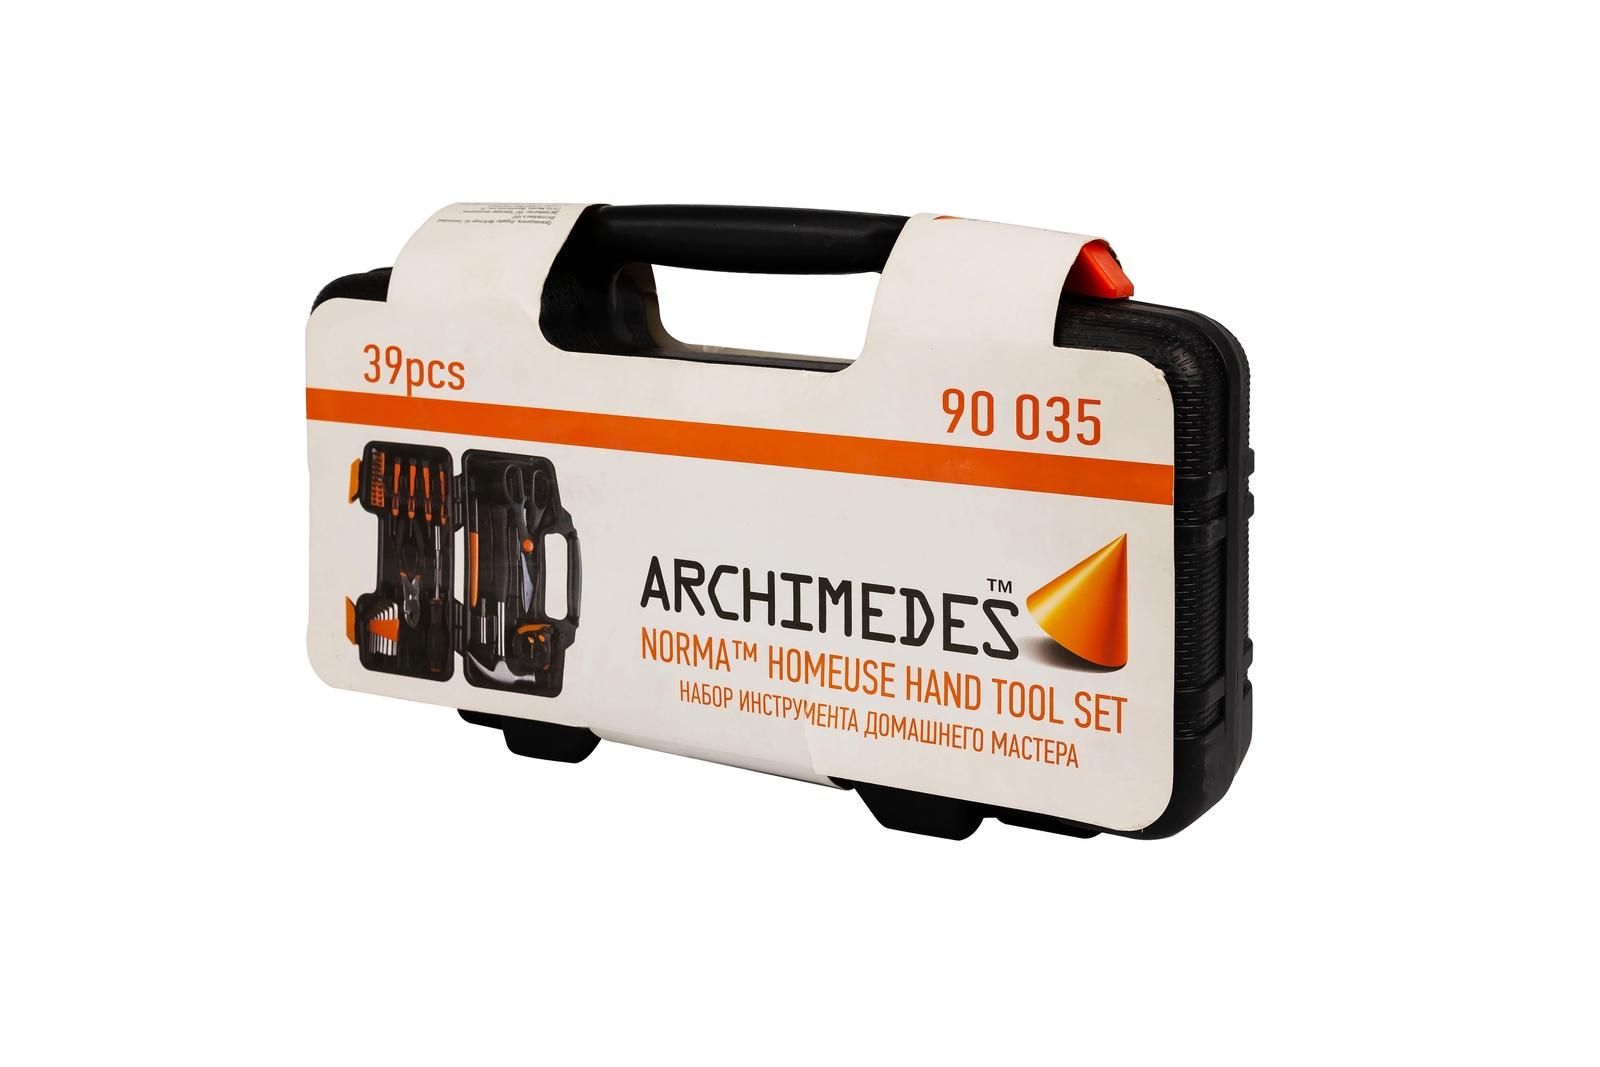 Набор инструментов Archimedes Набор инструмента Norma , 39 шт набор инструментов archimedes набор домашнего мастера 113 шт